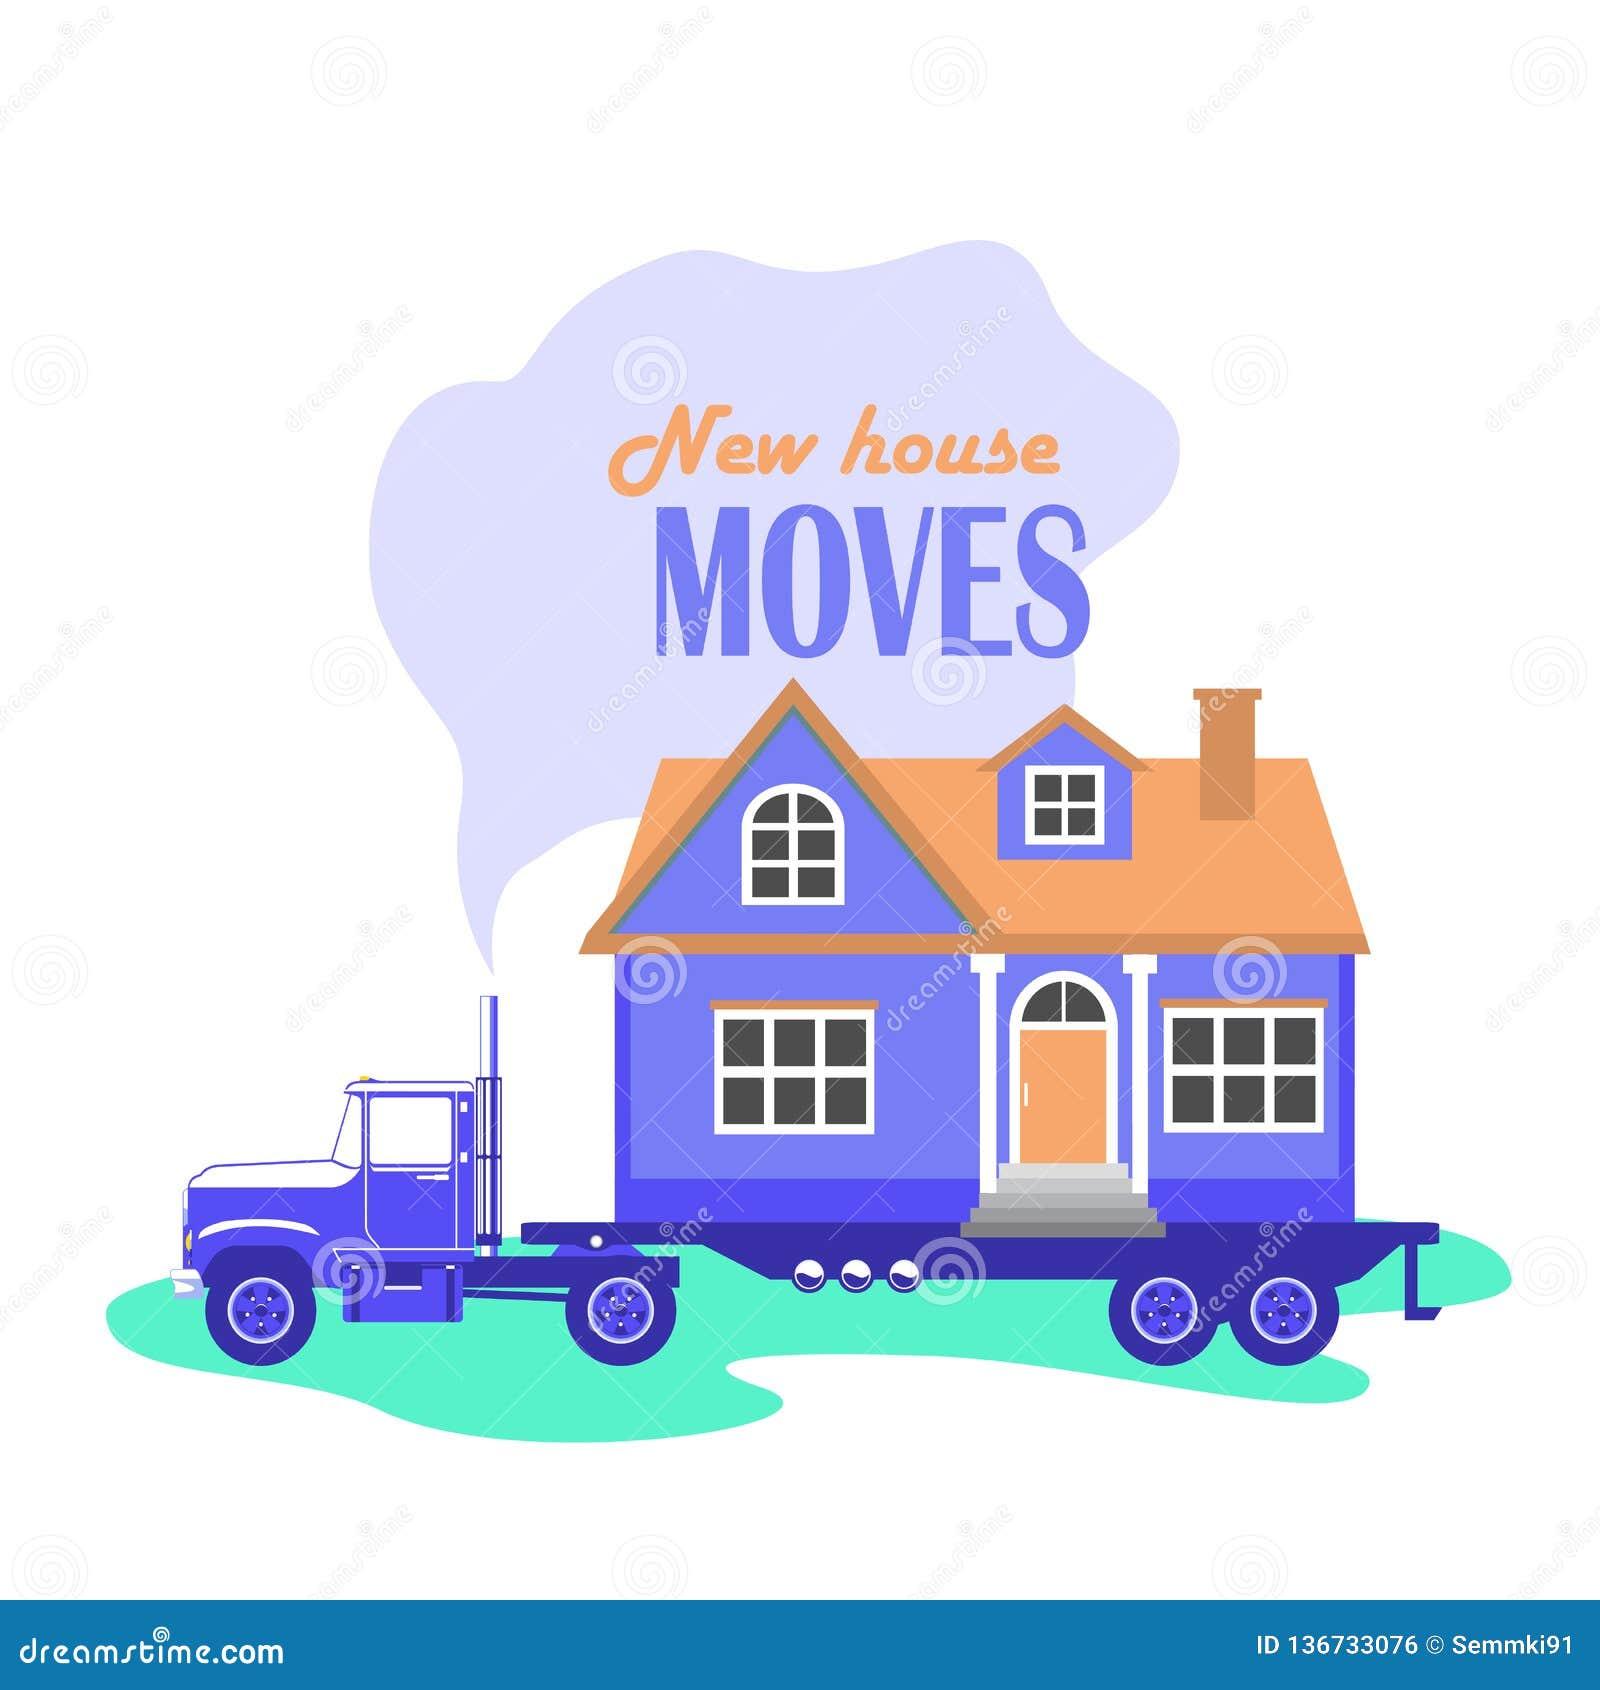 Vektorillustration av en stor lastbil som bär ett landshus, service för att flytta ett hus